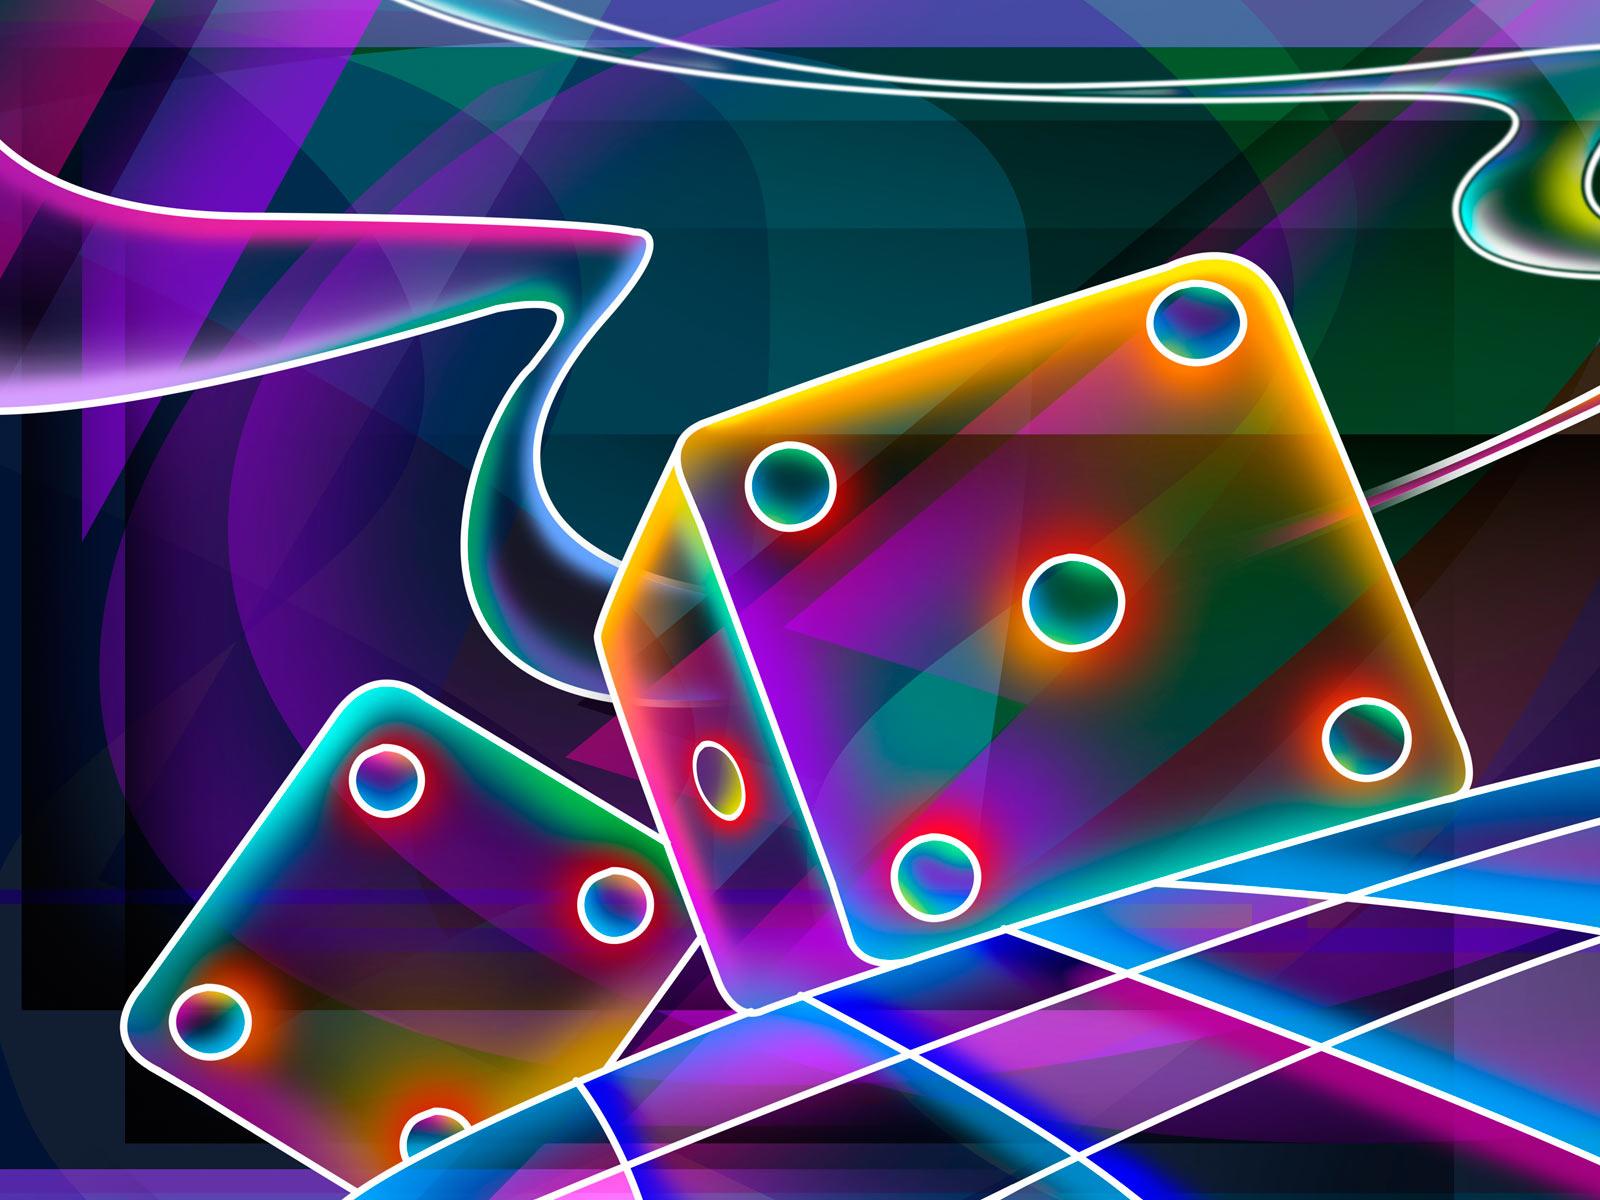 Fondos de escritorio, entra y llevate uno-http://1.bp.blogspot.com/-35r8DvlotZo/ULlgSofCXEI/AAAAAAAAN0Y/yc6yxrLF9yQ/s1600/Fondos-de-pantalla-3D-wallpapers-dados.jpg